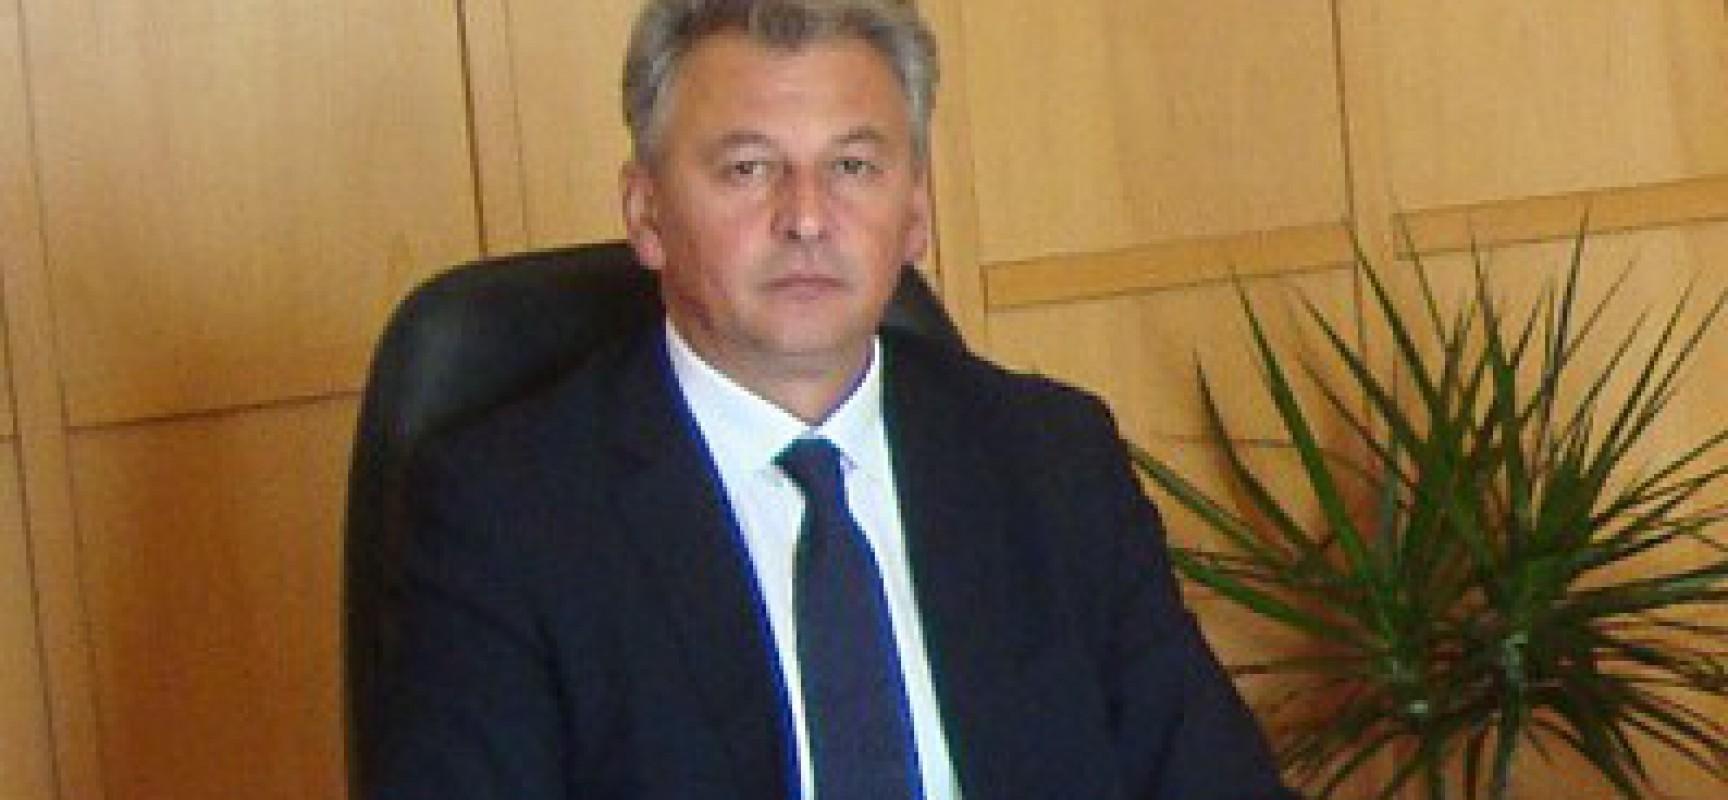 Δήλωση Δημάρχου Σοφάδων κ. Α. Σκάρλου για τη νέα αρχιτεκτονική του Πανεπιστημίου Θεσσαλίας